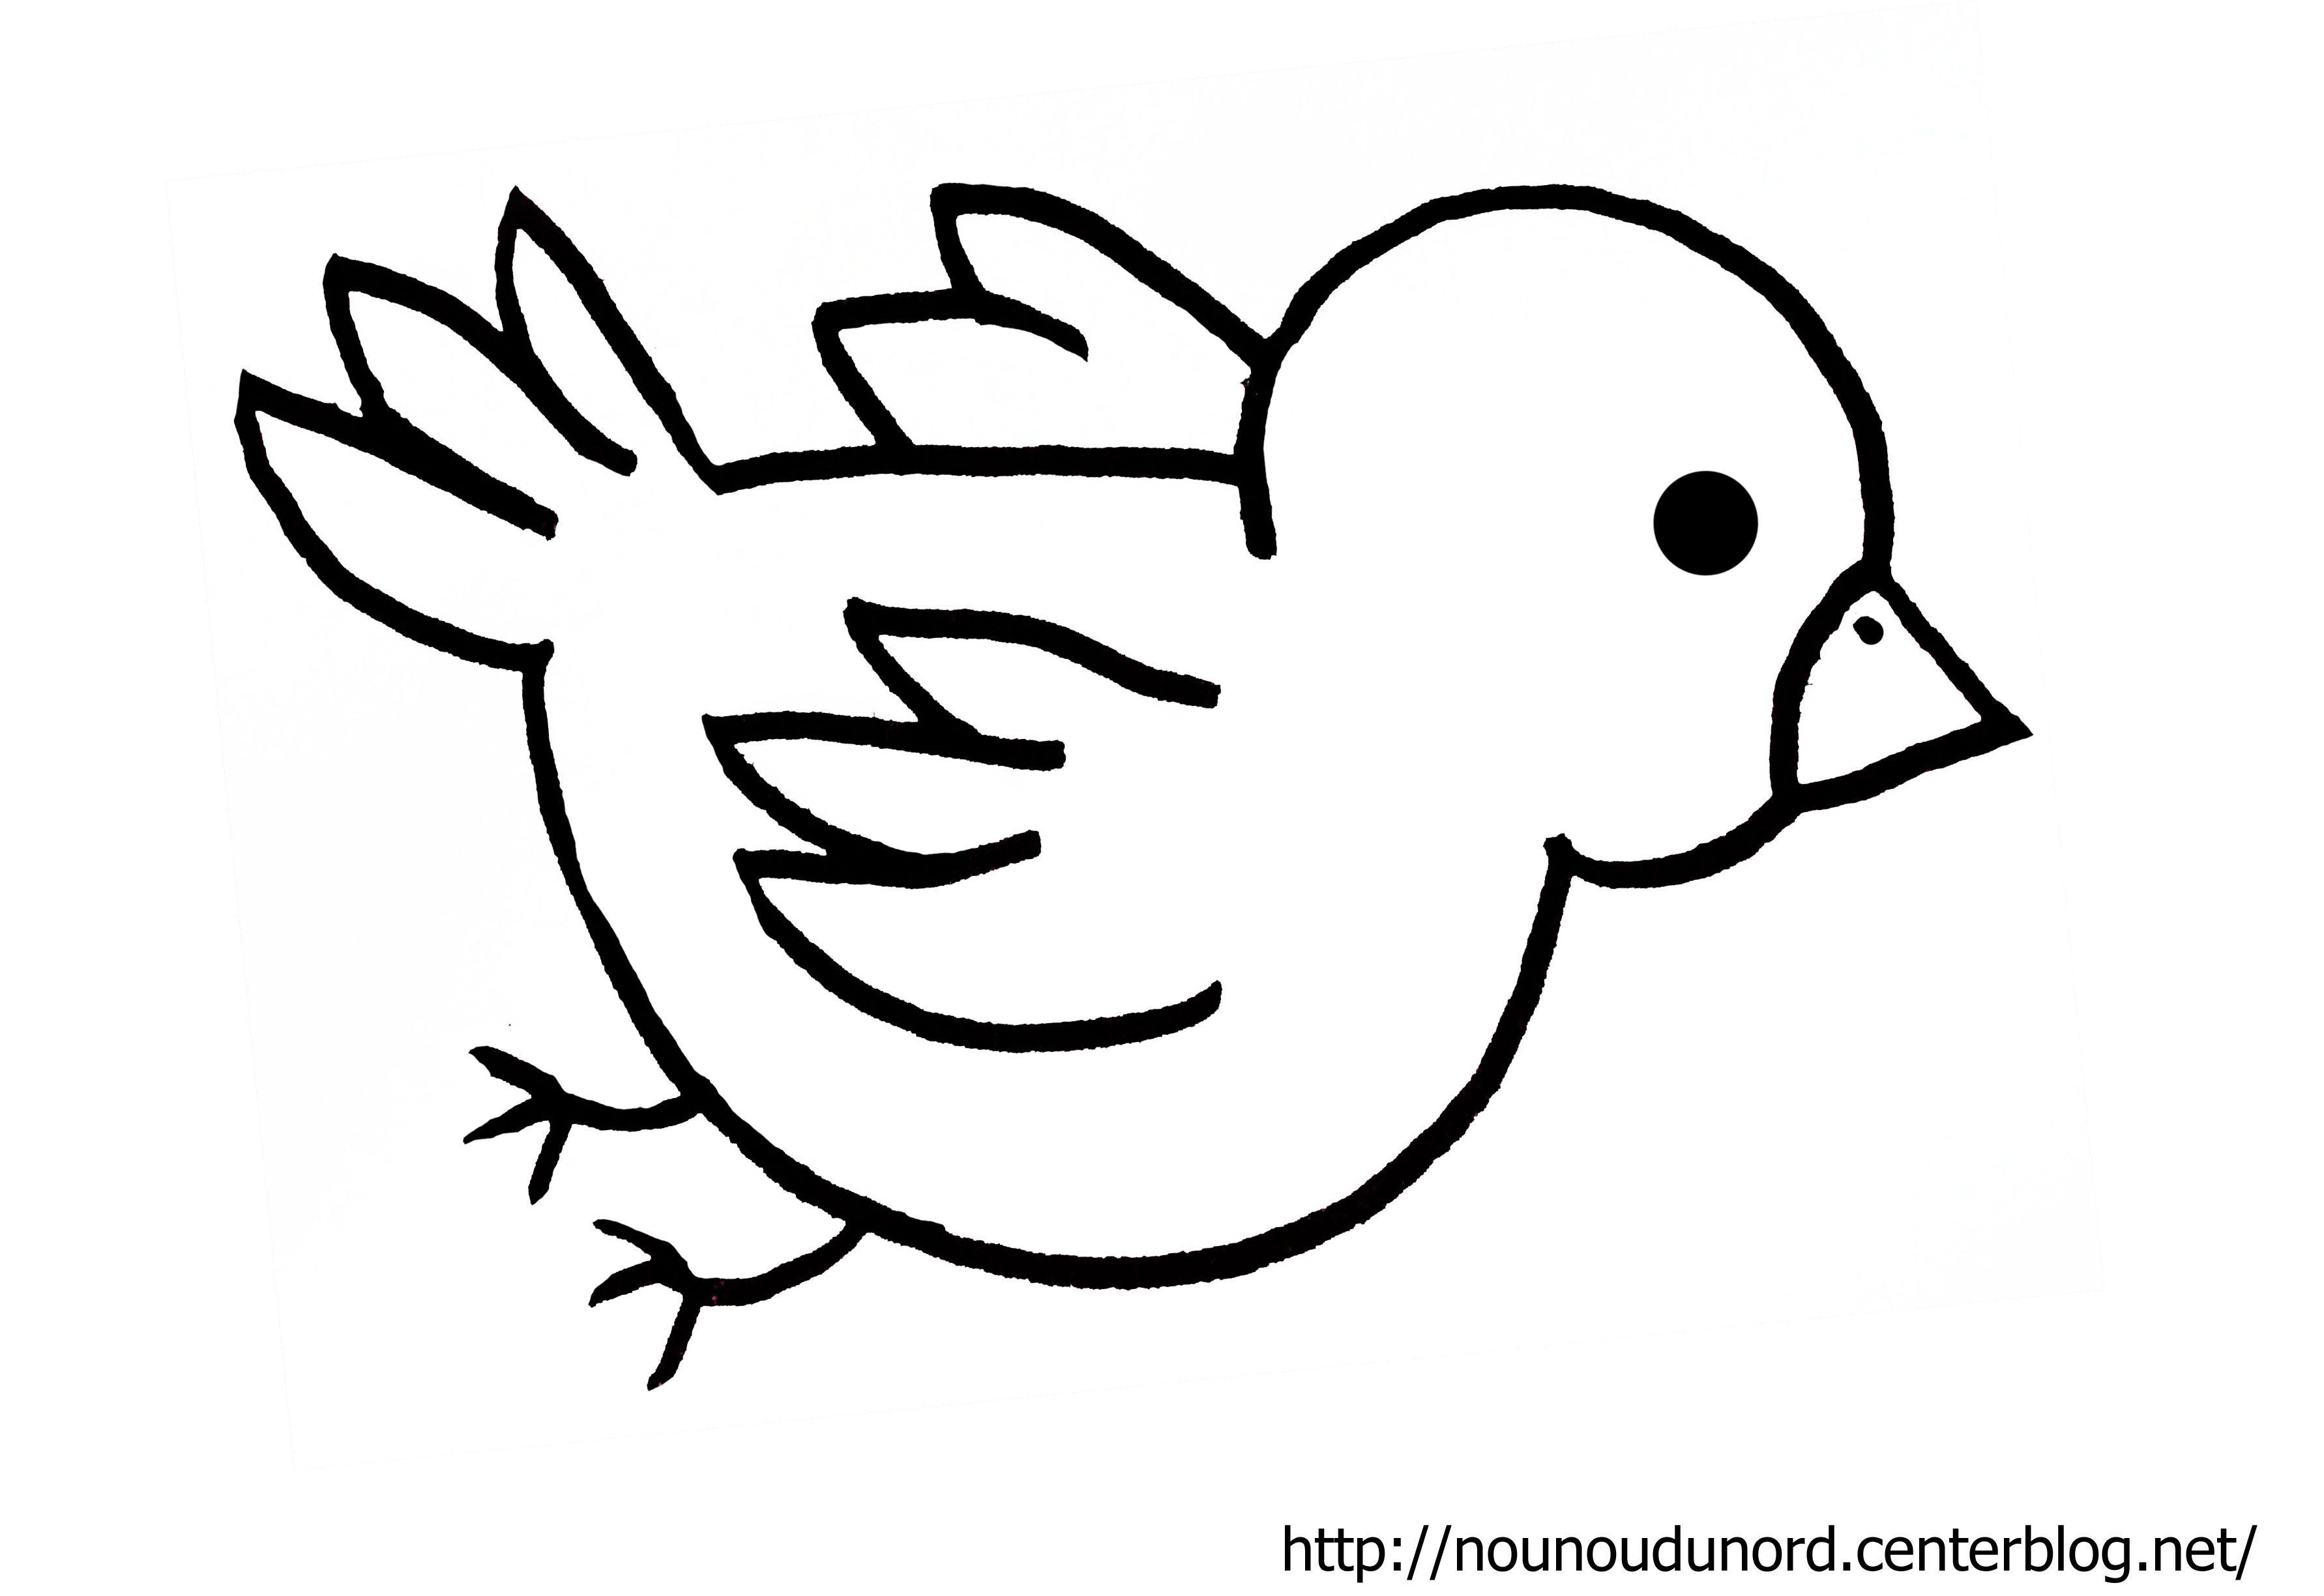 Coloriage Oiseau Sur Arbre.L Arbre Careme 2017 Careme Arbre De Vie Oiseau Coloriage